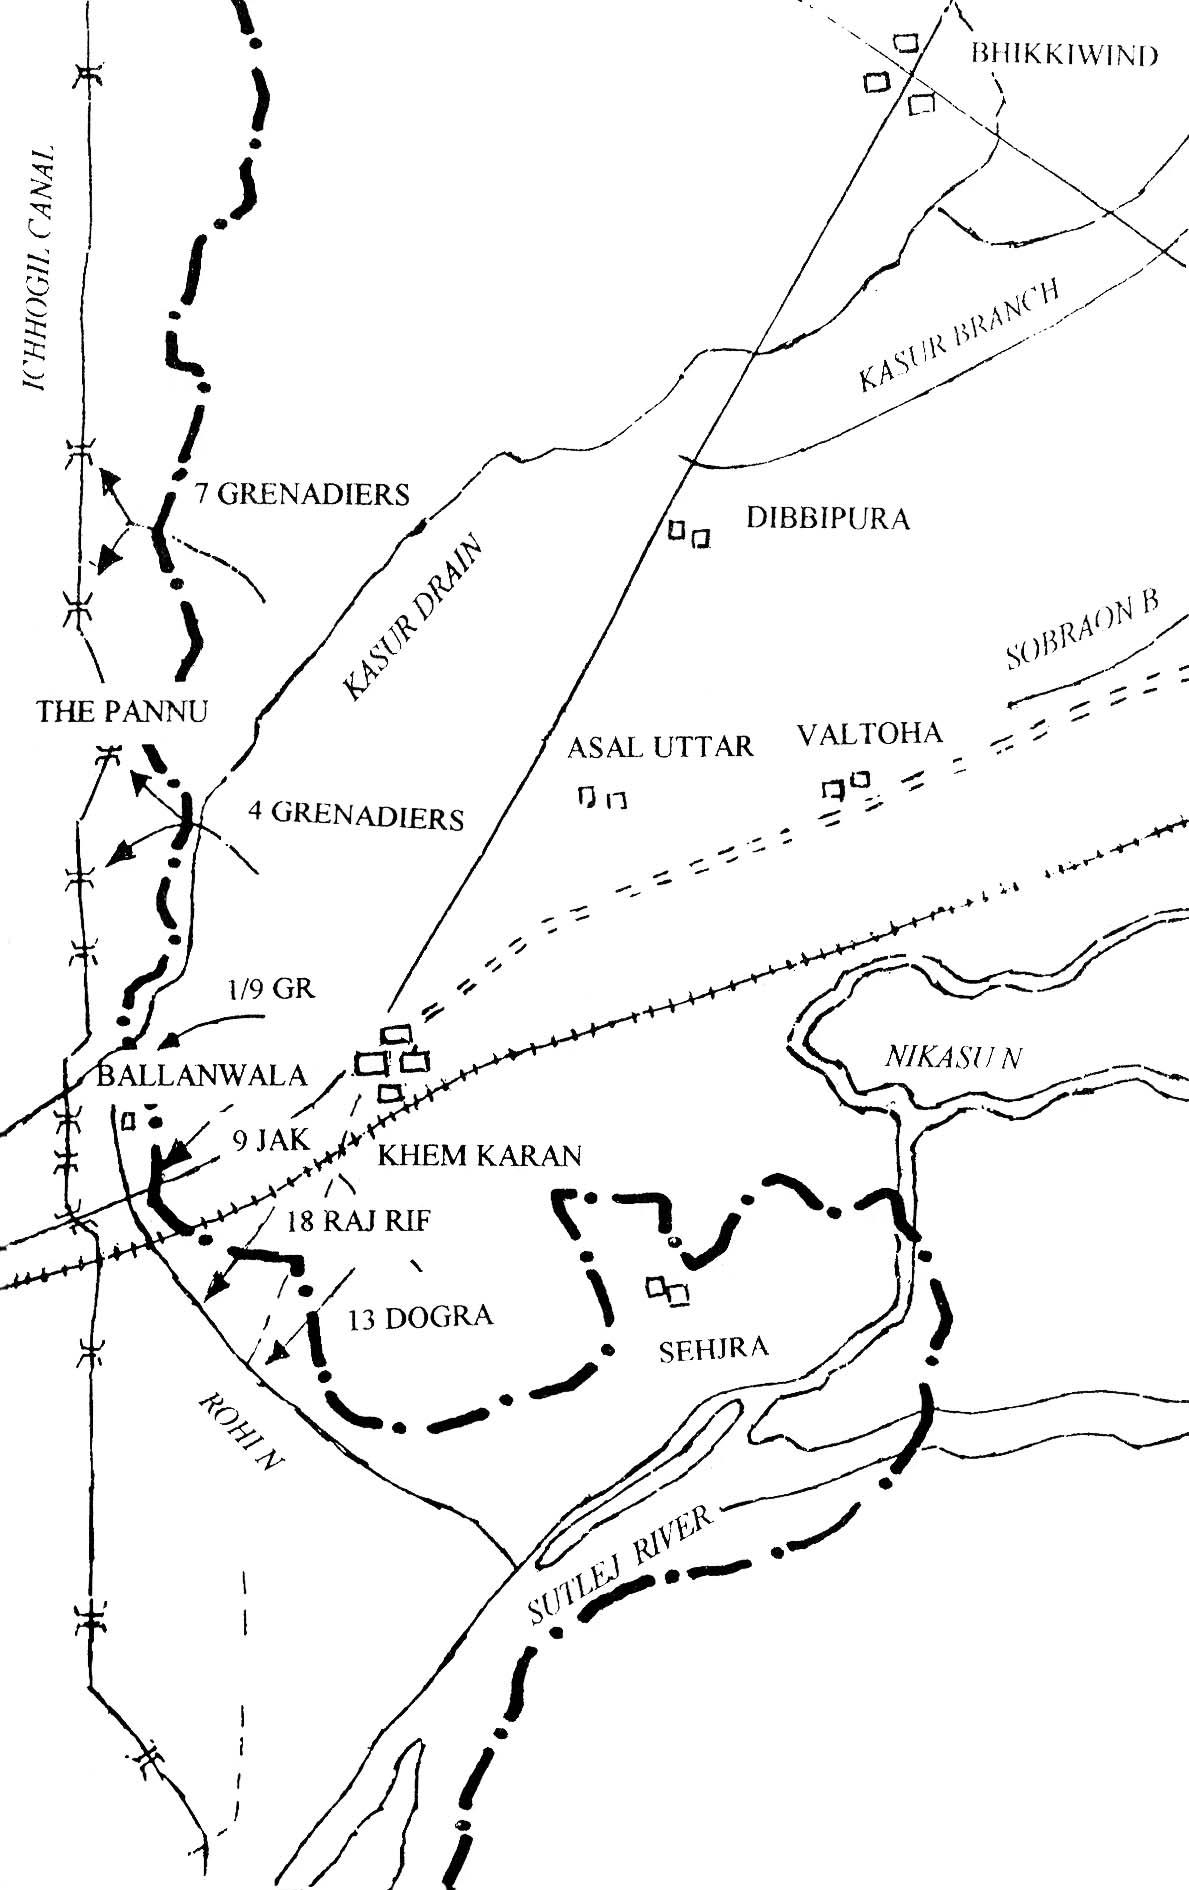 1965 War: Battle of Assal Uttar